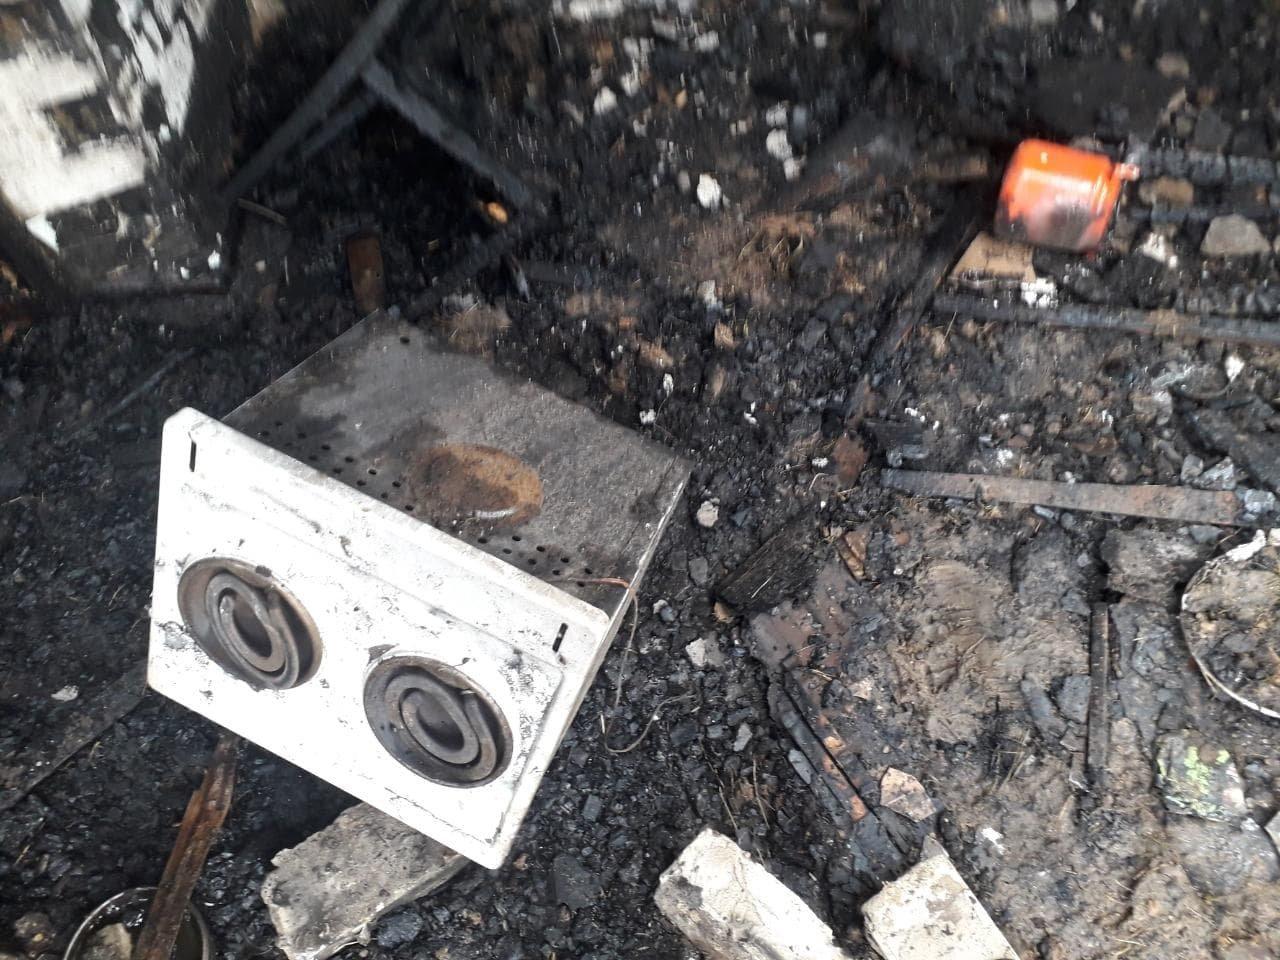 В Мелитополе на пожаре погибла женщина: возгорание произошло из-за короткого замыкания, фото-1